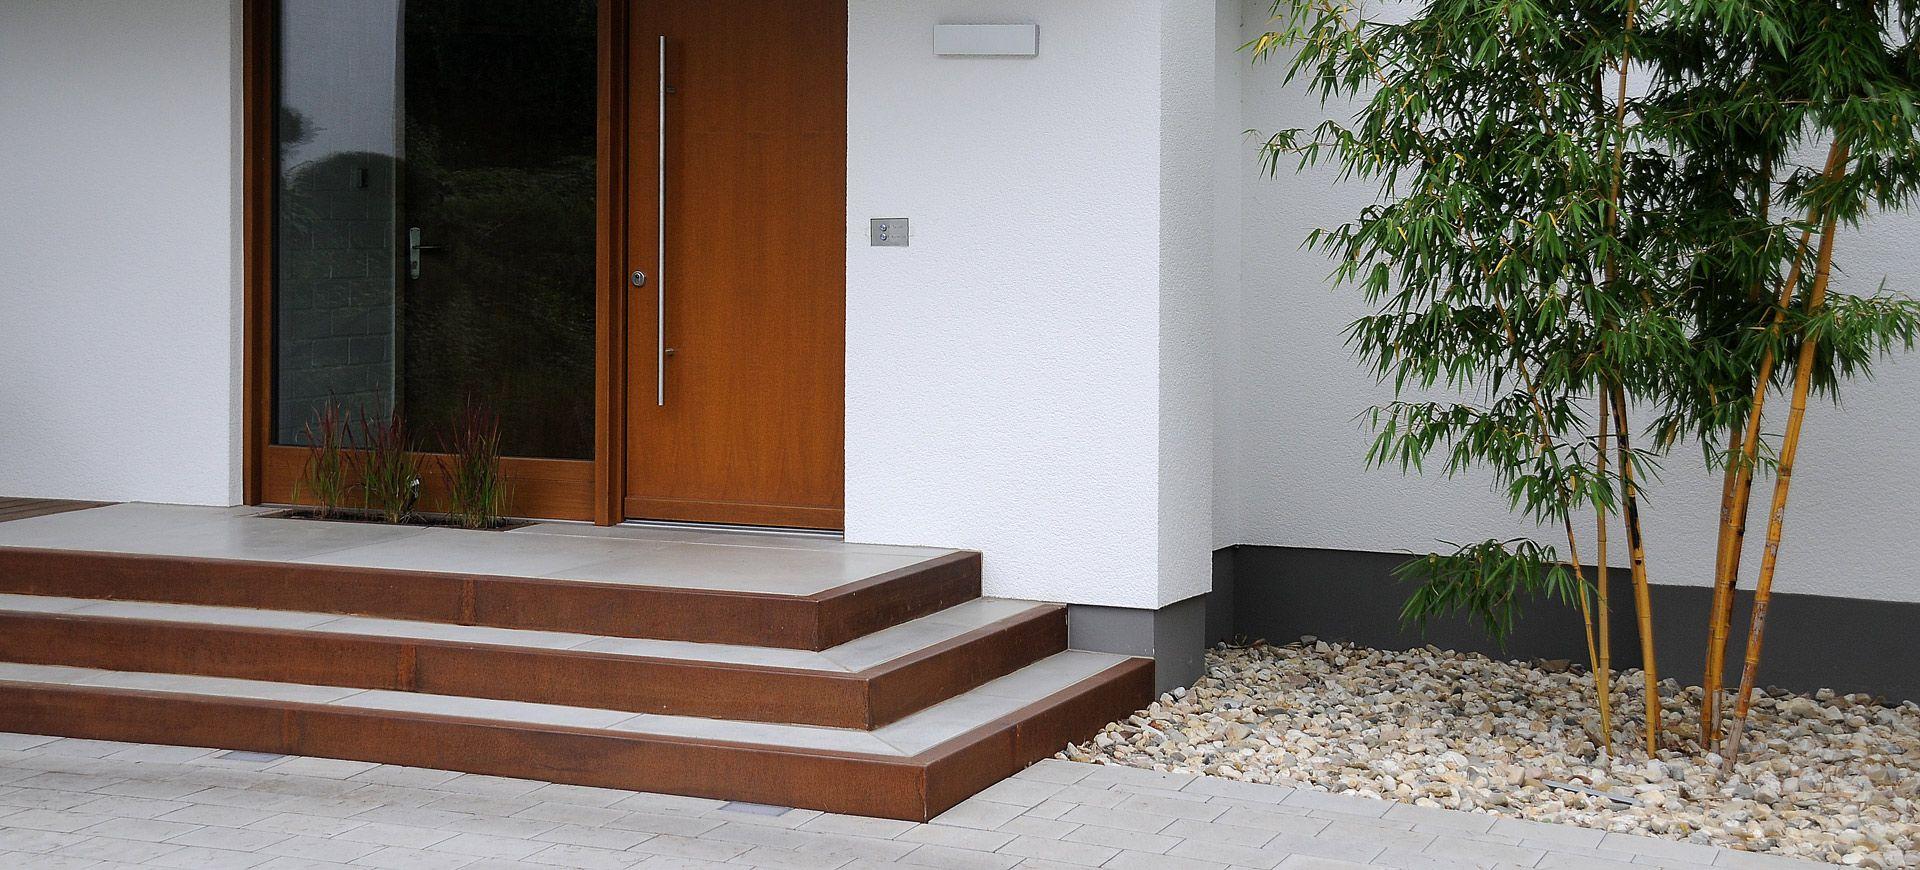 Cortenstahl Garten treppe cortenstahl architektur und garten